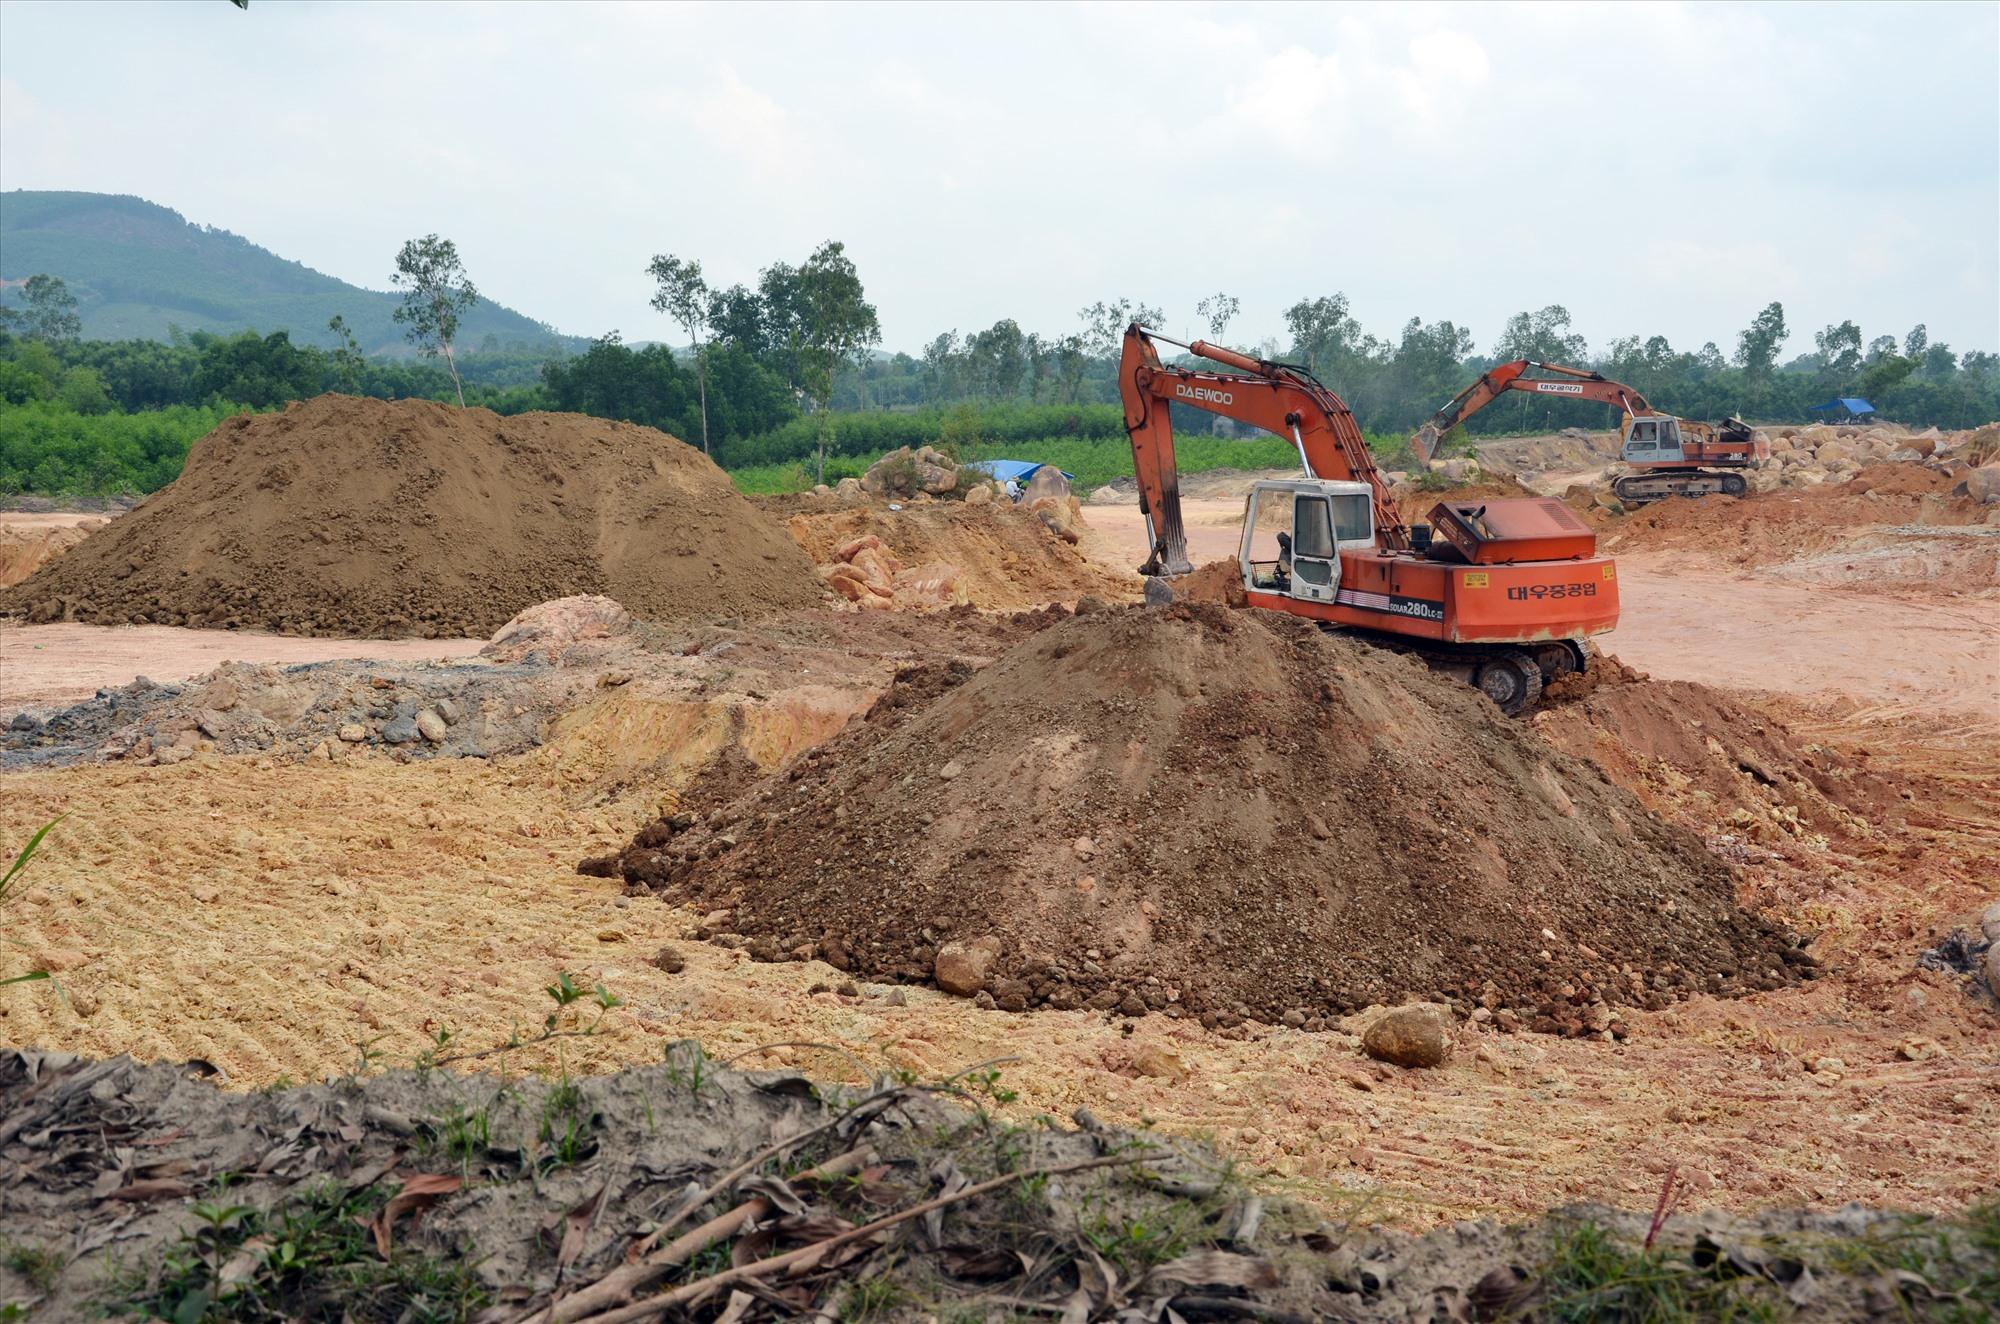 Các mỏ khoáng sản phải đấu giá quyền khai thác theo luật định. Ảnh: H.P